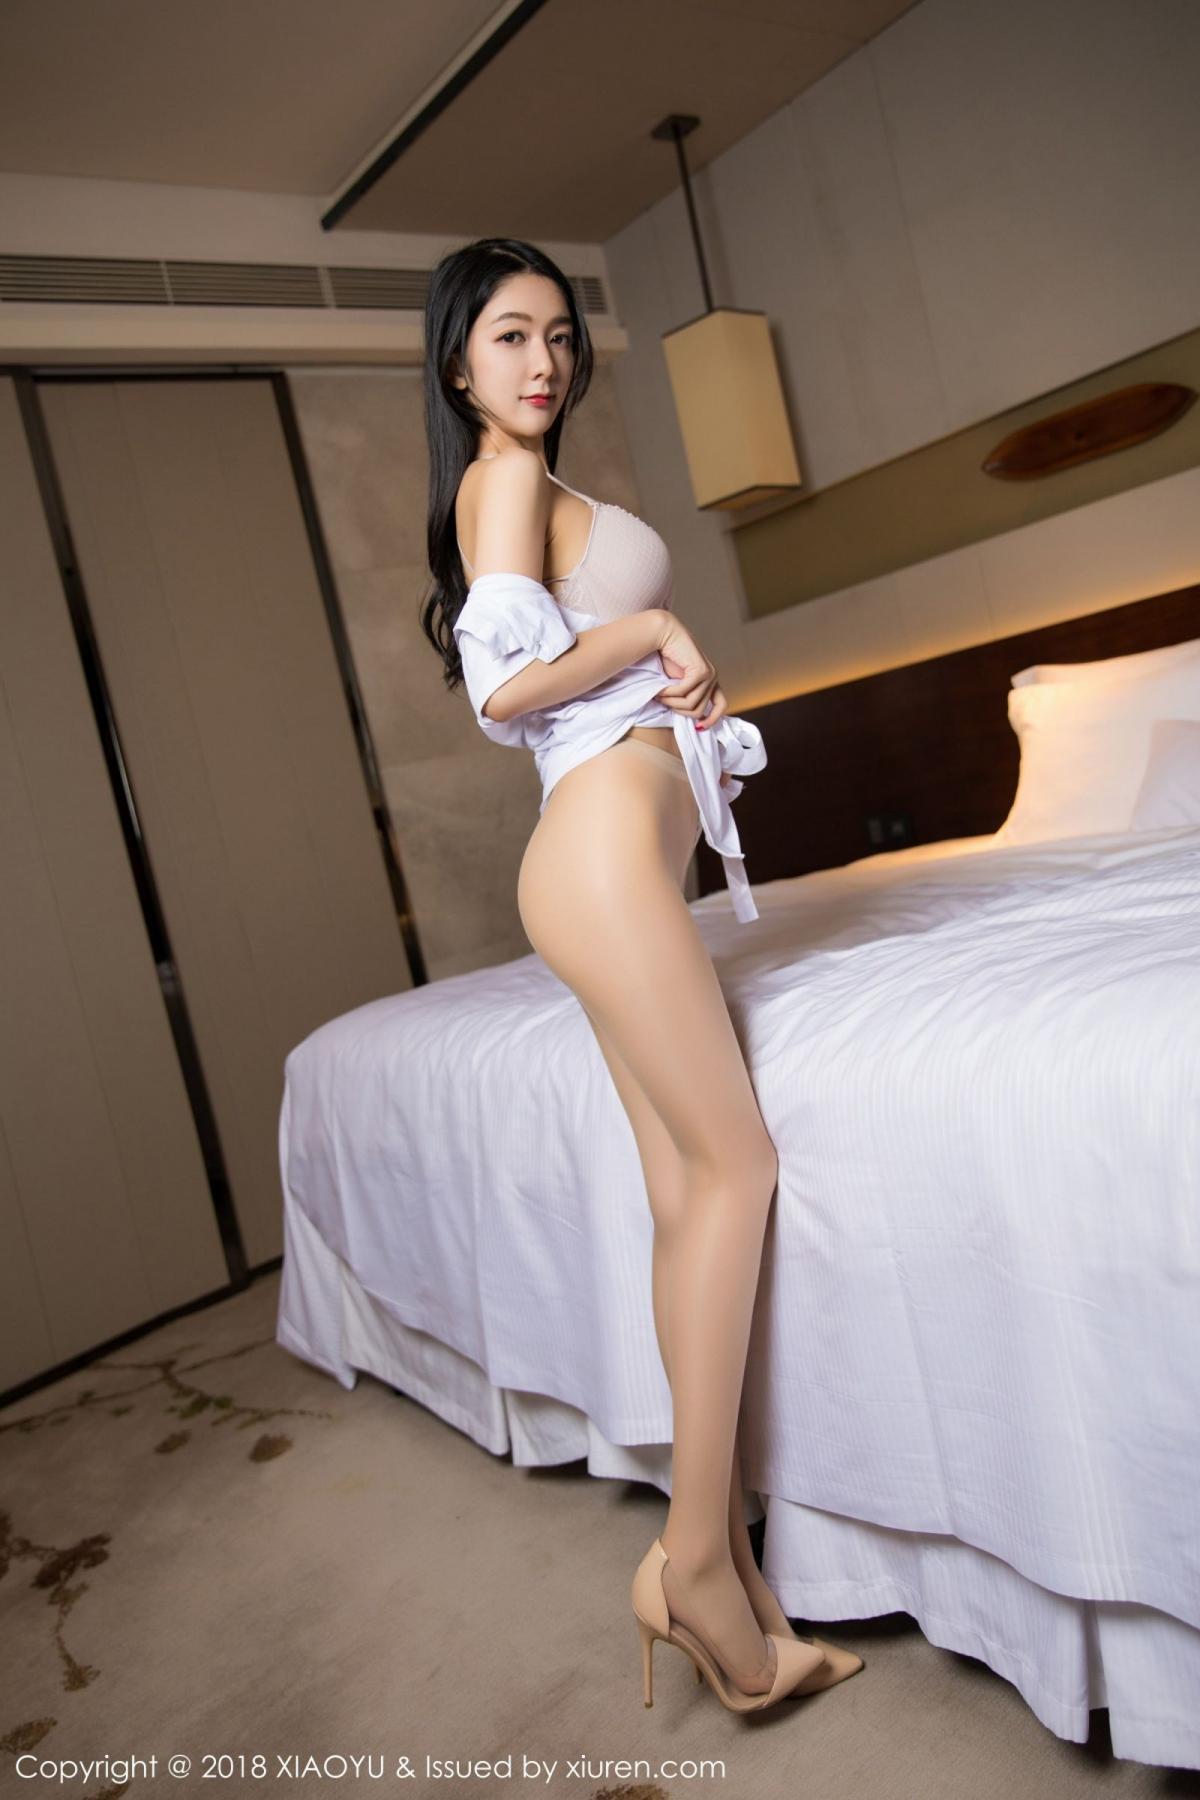 [XiaoYu] Vol.004 Di Yi 31P, Di Yi, Home, Tall, XiaoYu